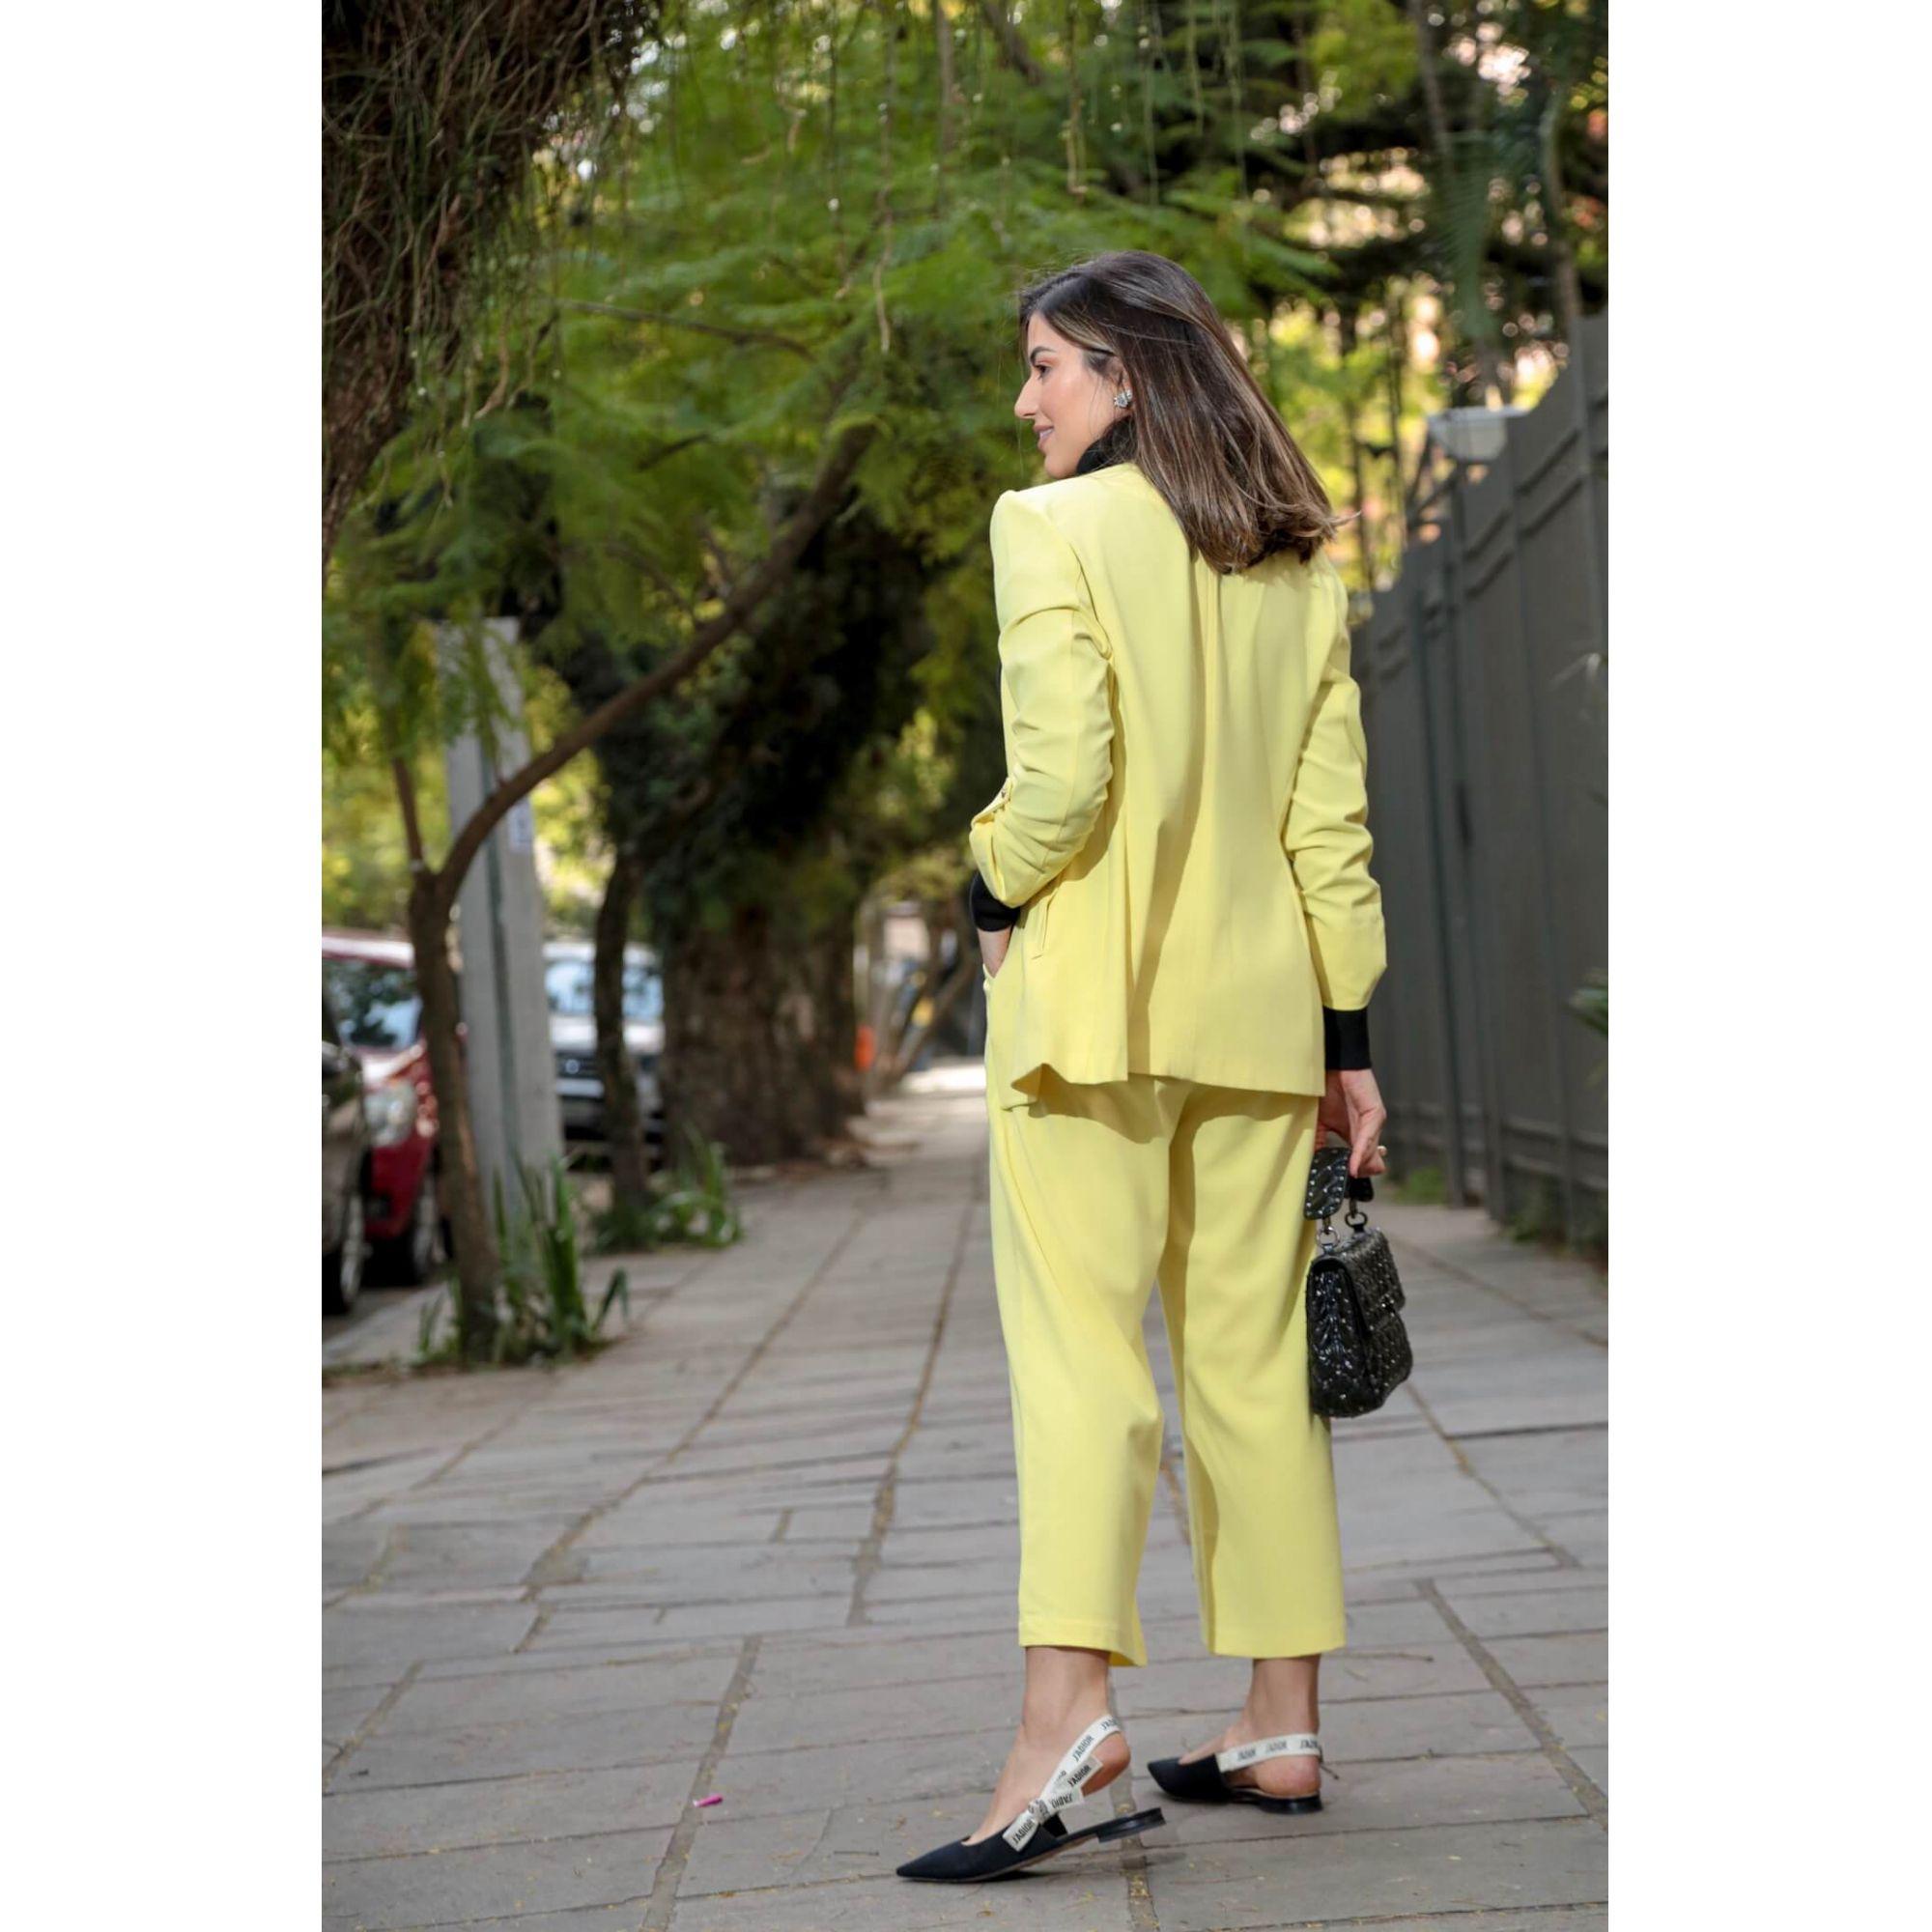 Conjunto Amarelo em Alfaiataria Feminina da Paula Feijó em Milão